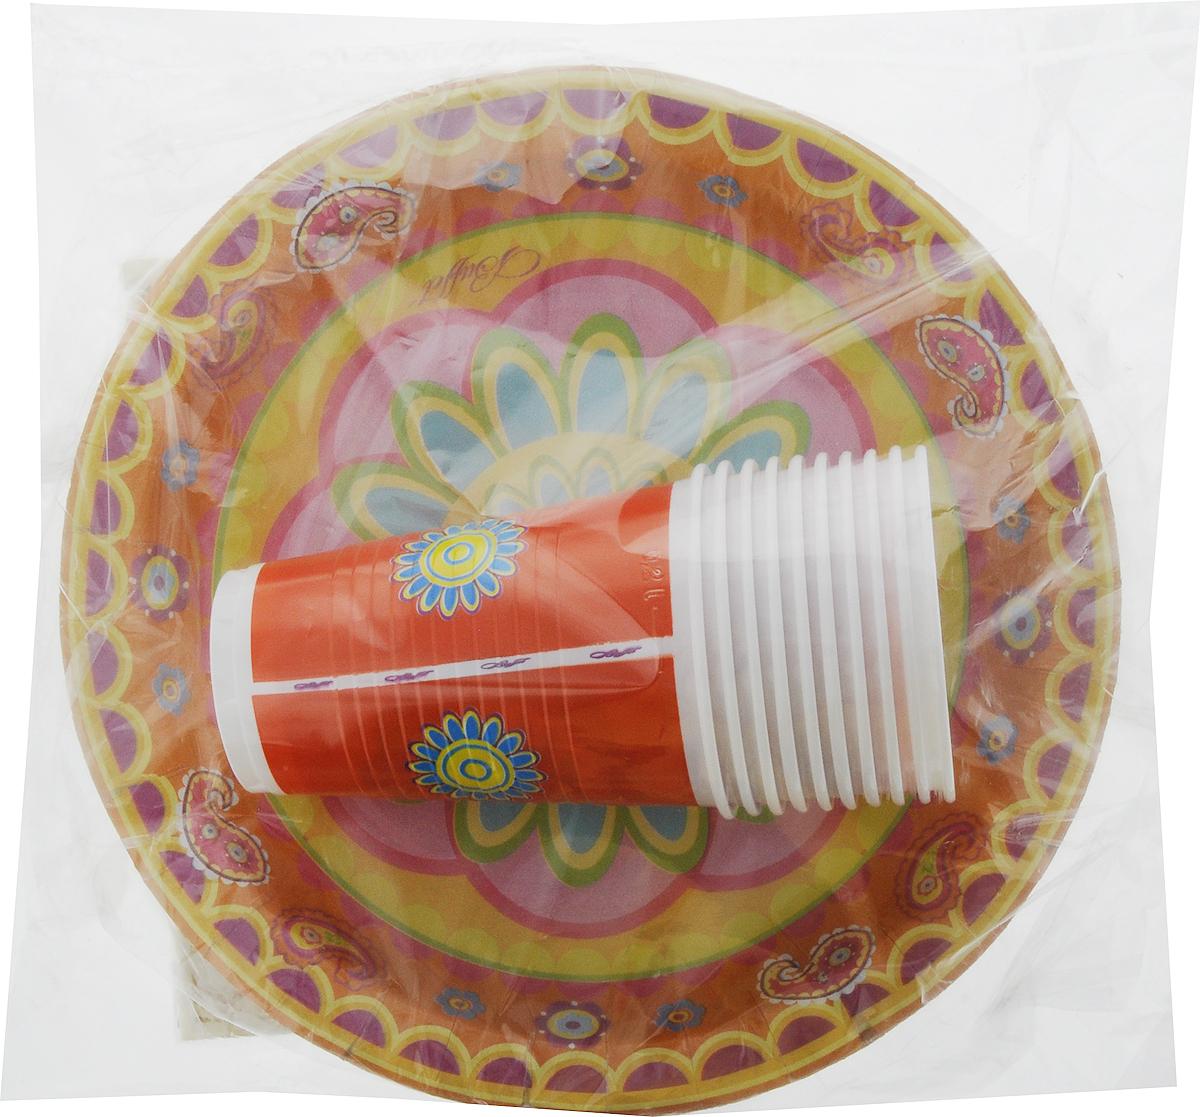 Набор одноразовой посуды Мистерия Стандарт, цвет: желтый, оранжевый, розовый, 40 предметовFA-5126-2 WhiteНабор одноразовой посуды Мистерия Стандарт на 10 персон включает 10 тарелок, 10 стаканов и 20 салфеток. Посуда предназначена для холодных и горячих (до +70°С) пищевых продуктов и напитков. Стаканы выполнены из прочного полипропилена, а тарелки - из ламинированного картона. В комплекте также имеются трехслойные бумажные салфетки. Все предметы набора дополнены ярким красочным рисунком. Такой набор посуды отлично подойдет для отдыха на природе, пикников, а также детских праздников. В нем есть все необходимое. Он легкий и не занимает много места, а самое главное - после использования его не надо мыть. Объем стакана: 200 мл. Диаметр стакана (по верхнему краю): 7 см. Высота стакана: 10 см. Диаметр тарелки: 23 см. Размер салфетки: 33 х 33 см.